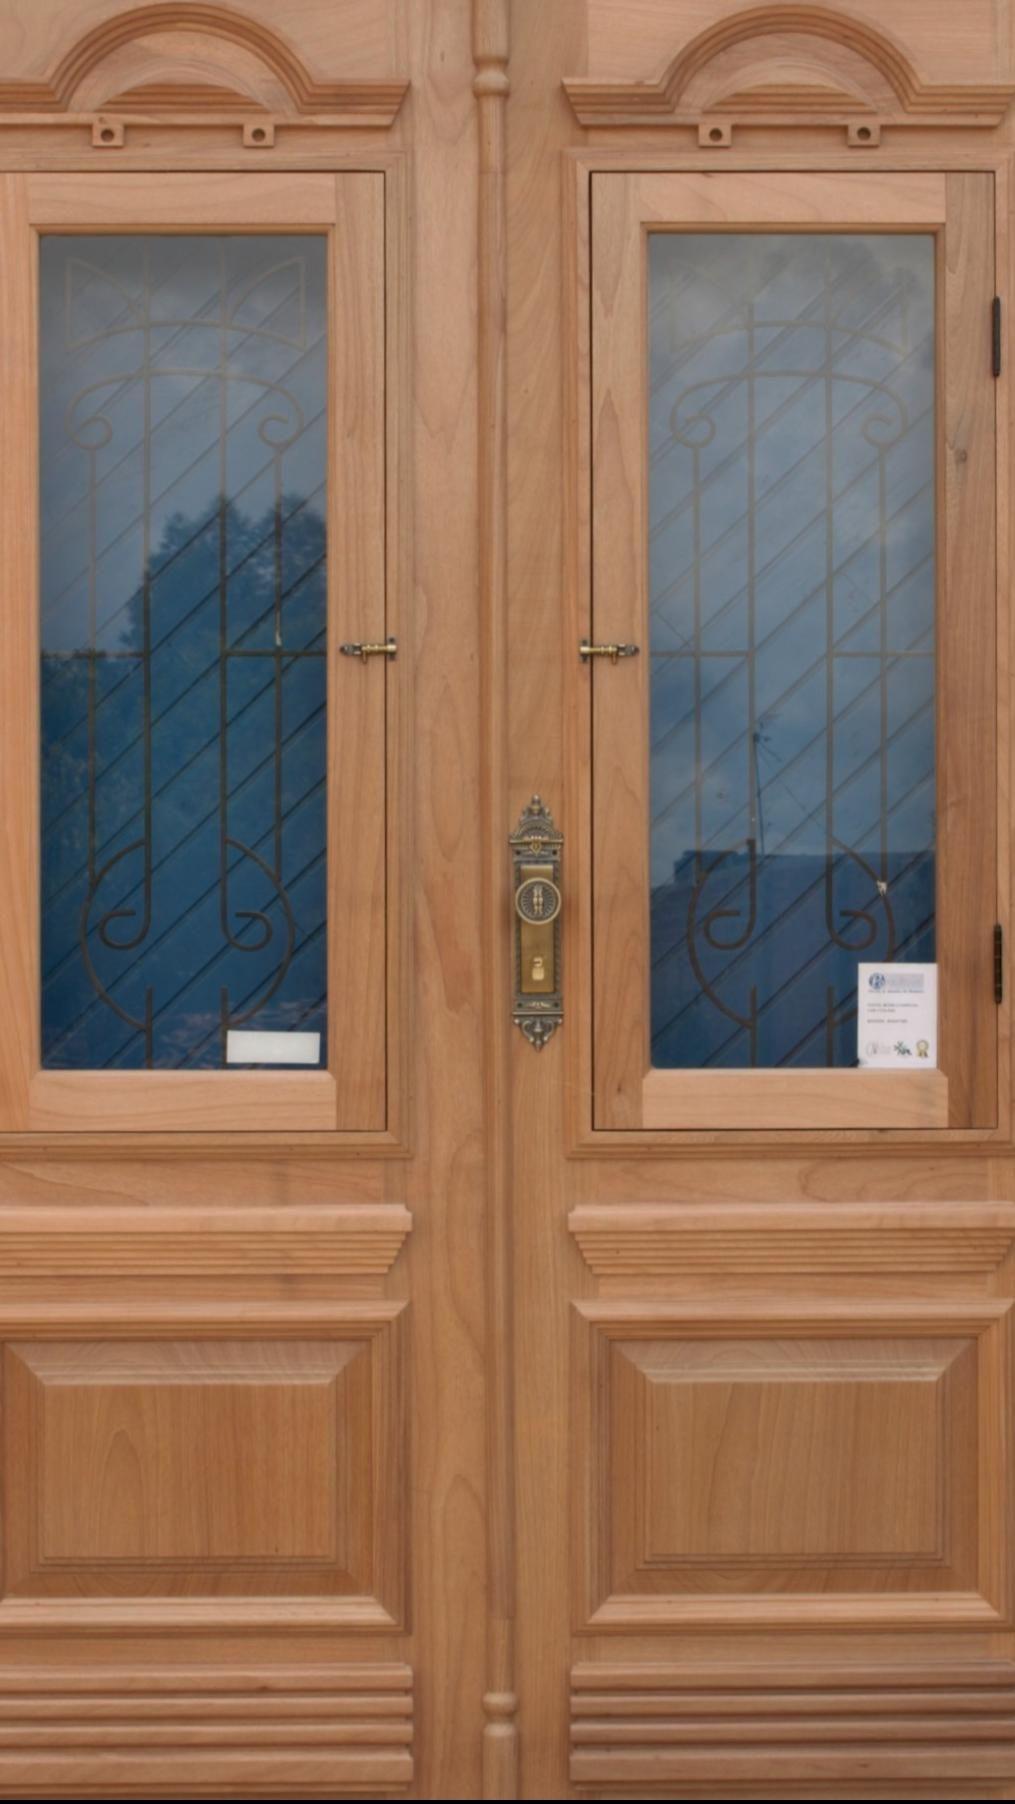 Porta de madeira maciça dupla com grades de ferro – Portal de madeira – Portalmad